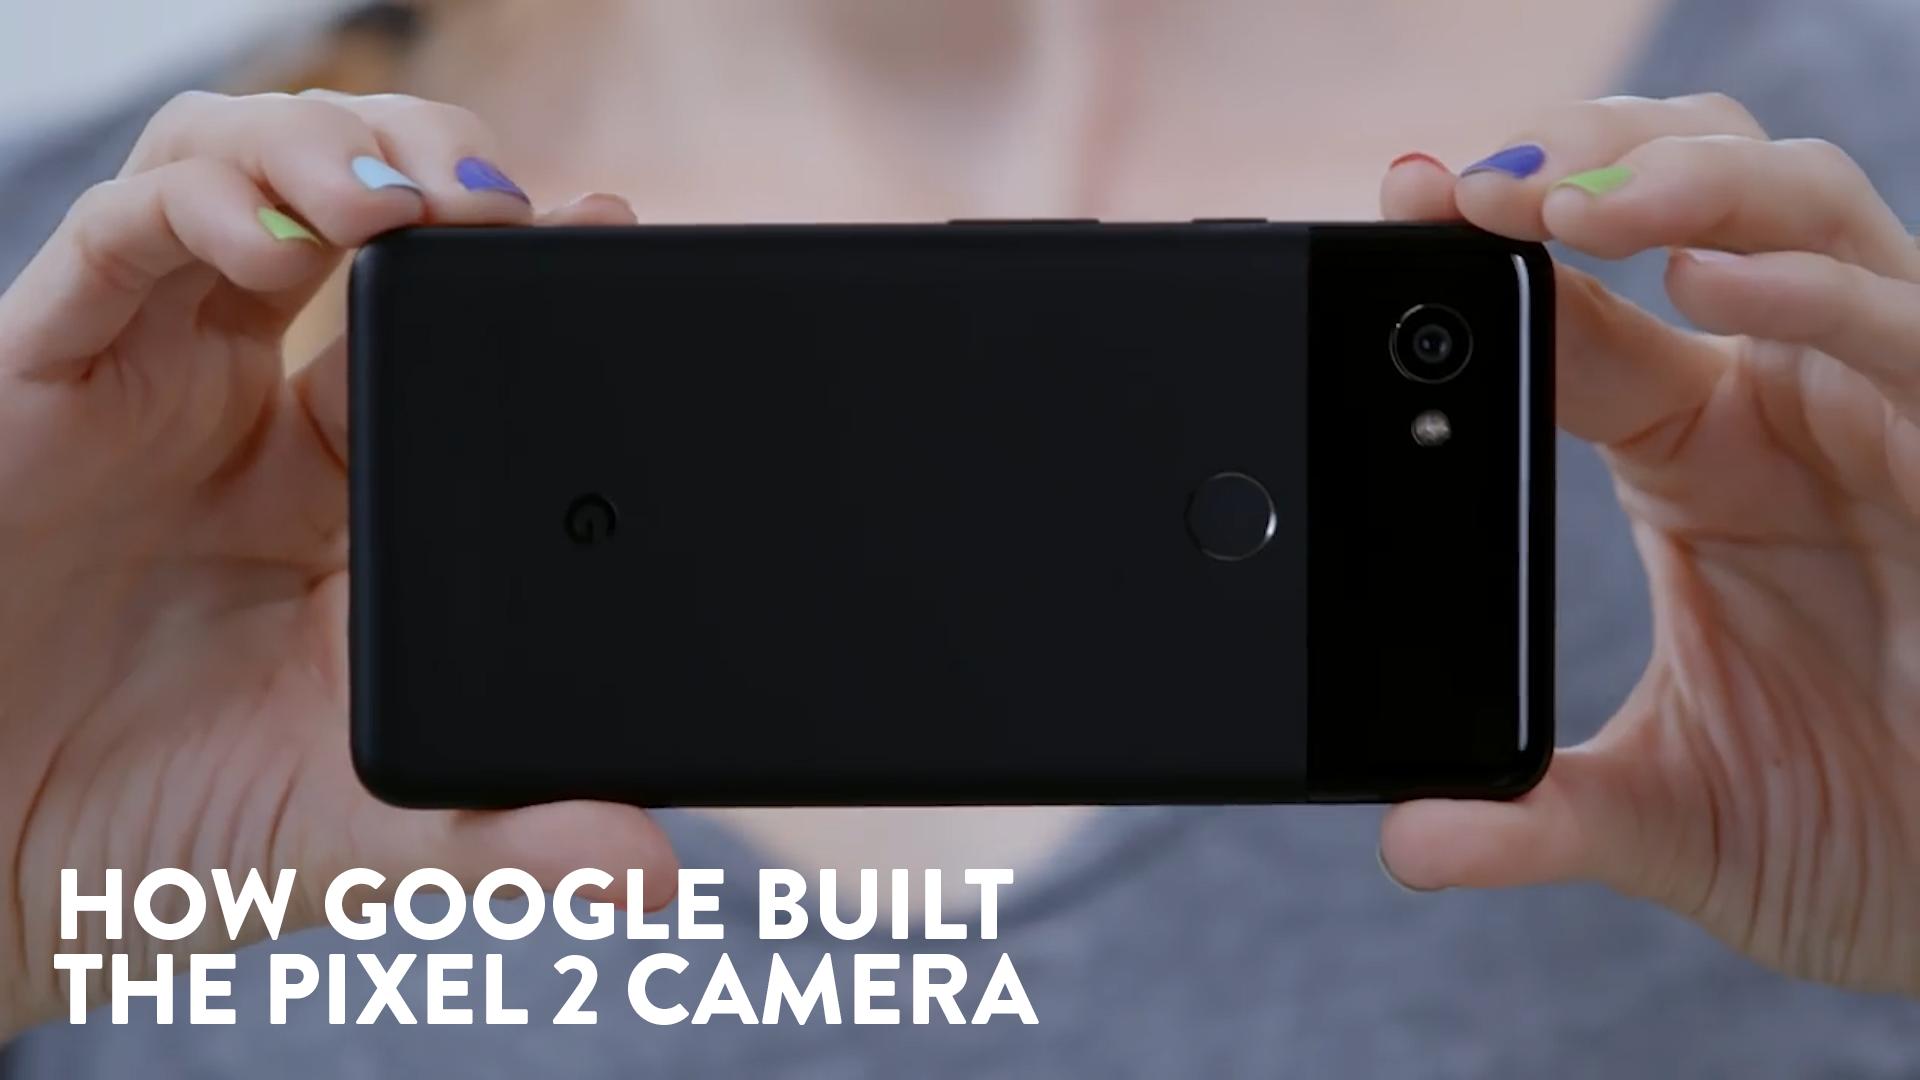 How Google Built The Pixel 2 Camera